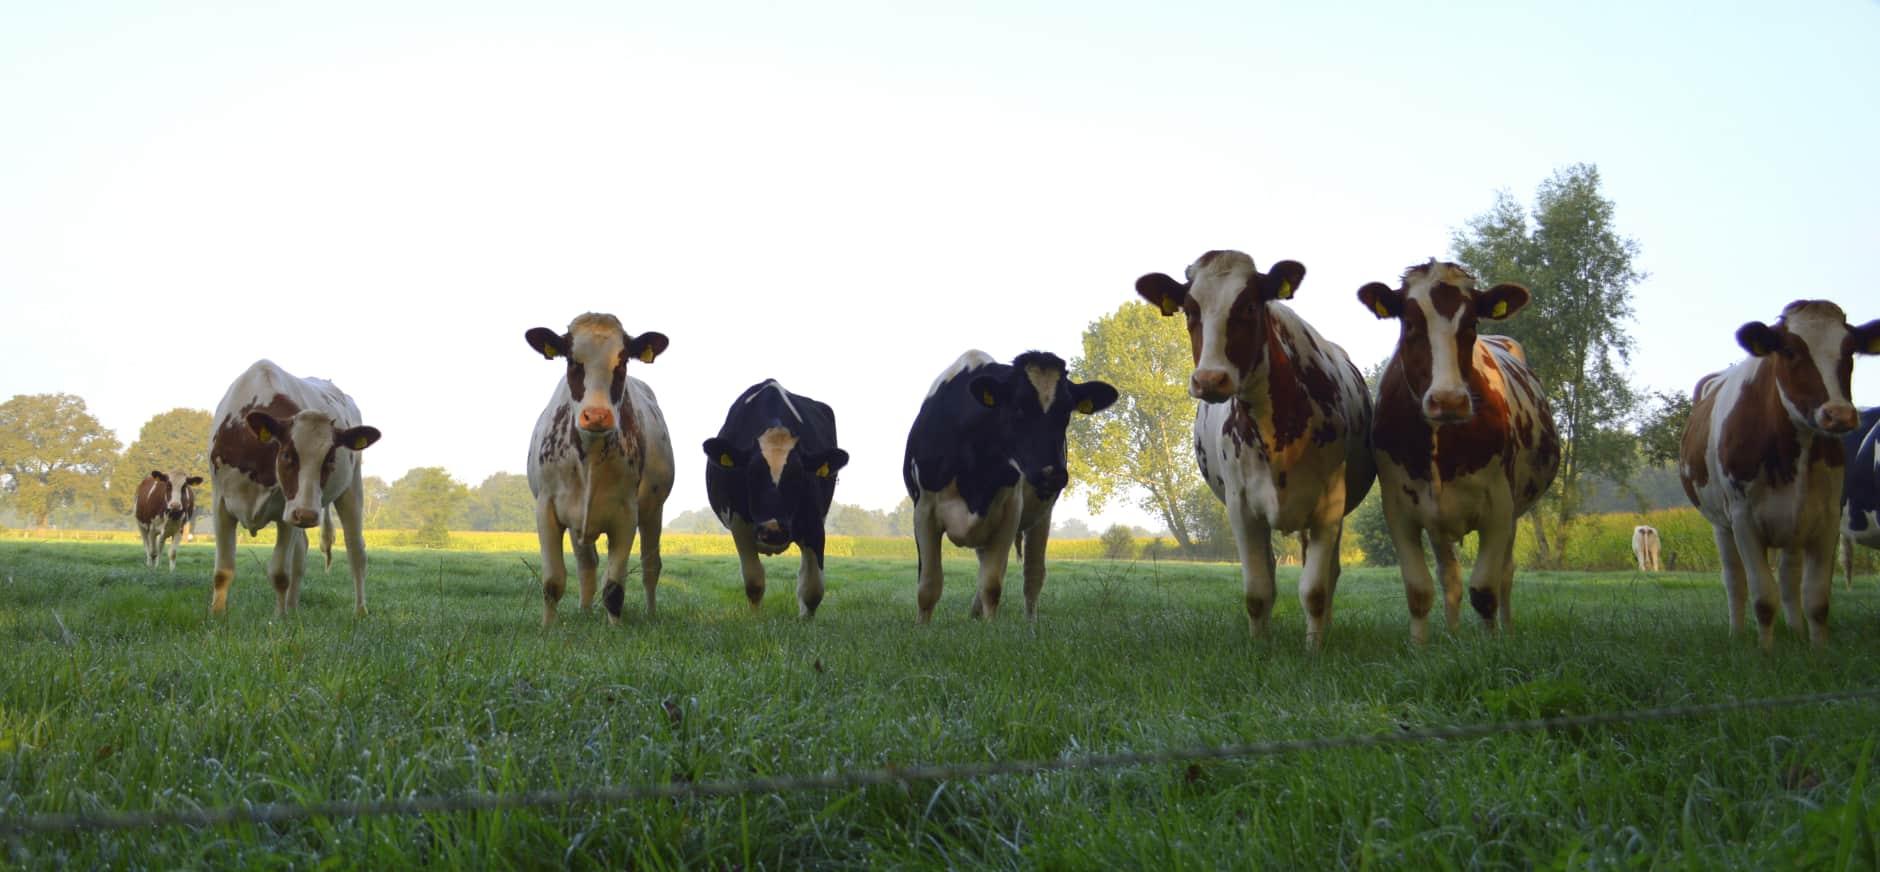 Melkveesector moet verantwoordelijkheid nemen